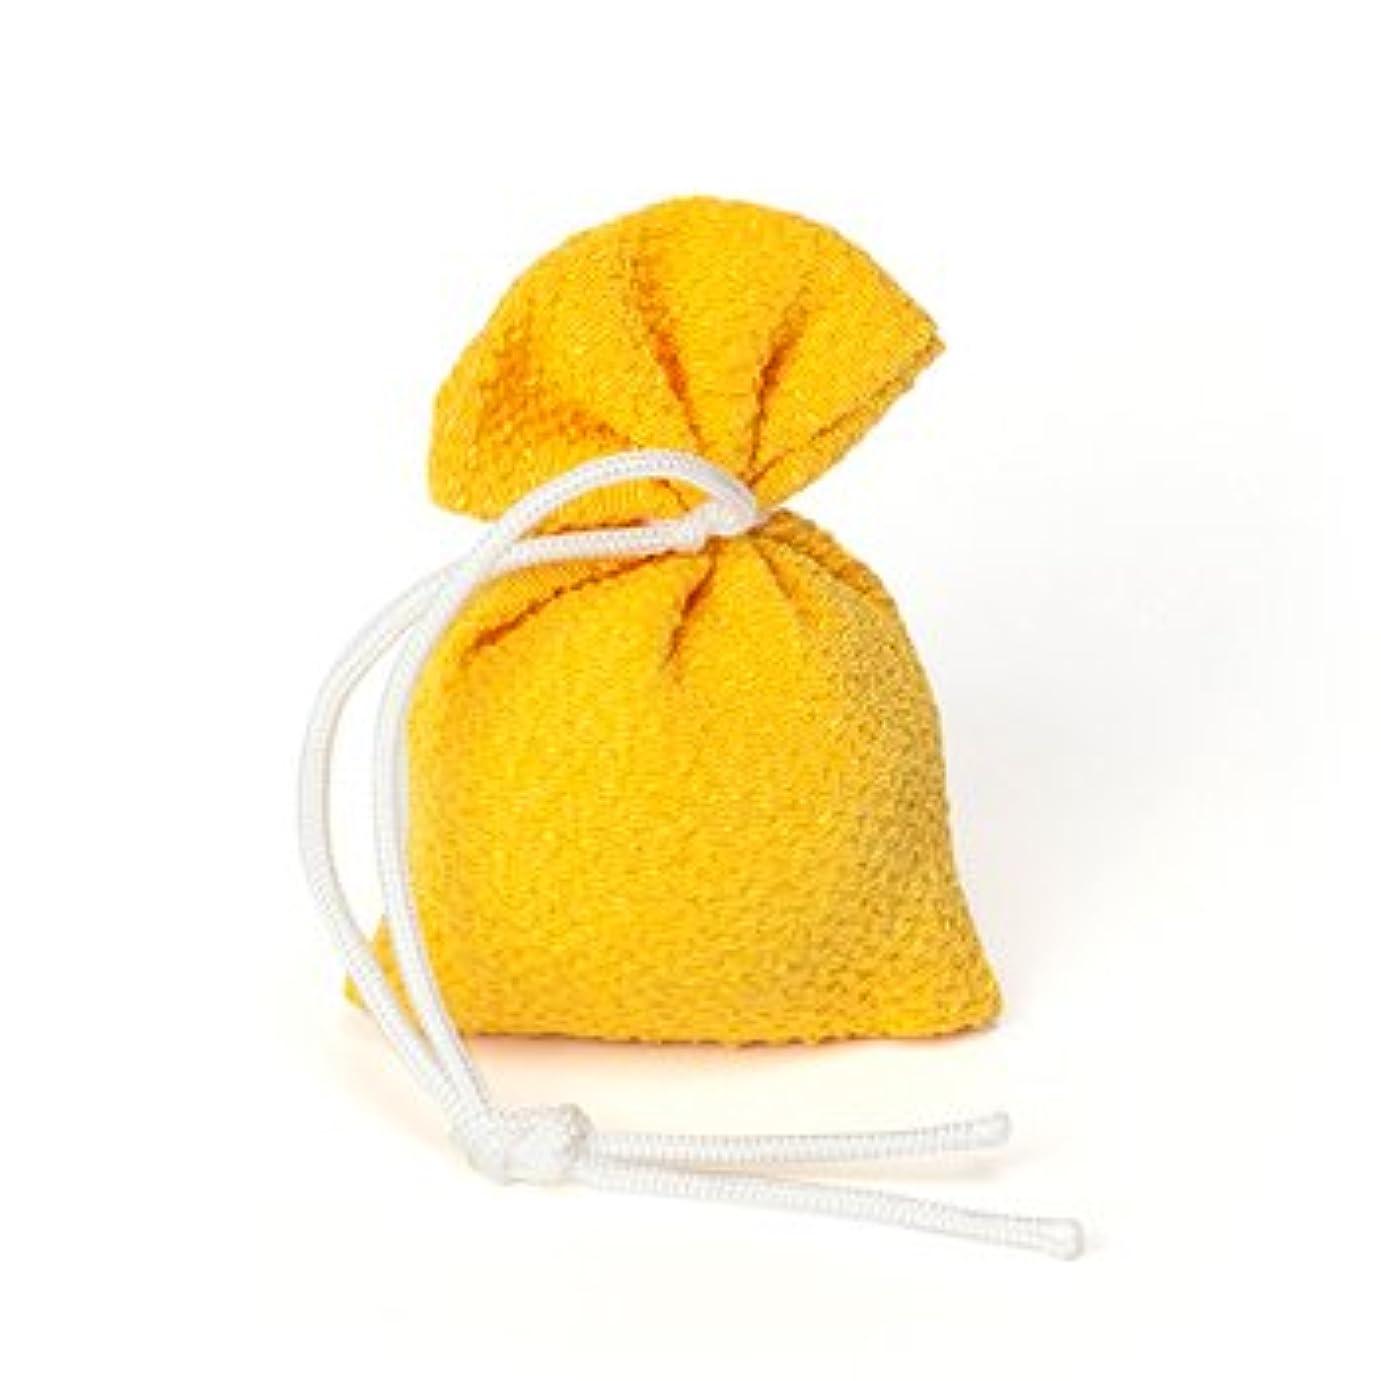 つかむリップ代表する松栄堂 匂い袋 誰が袖 上品(無地) 1個入 (色をお選びください) (黄)